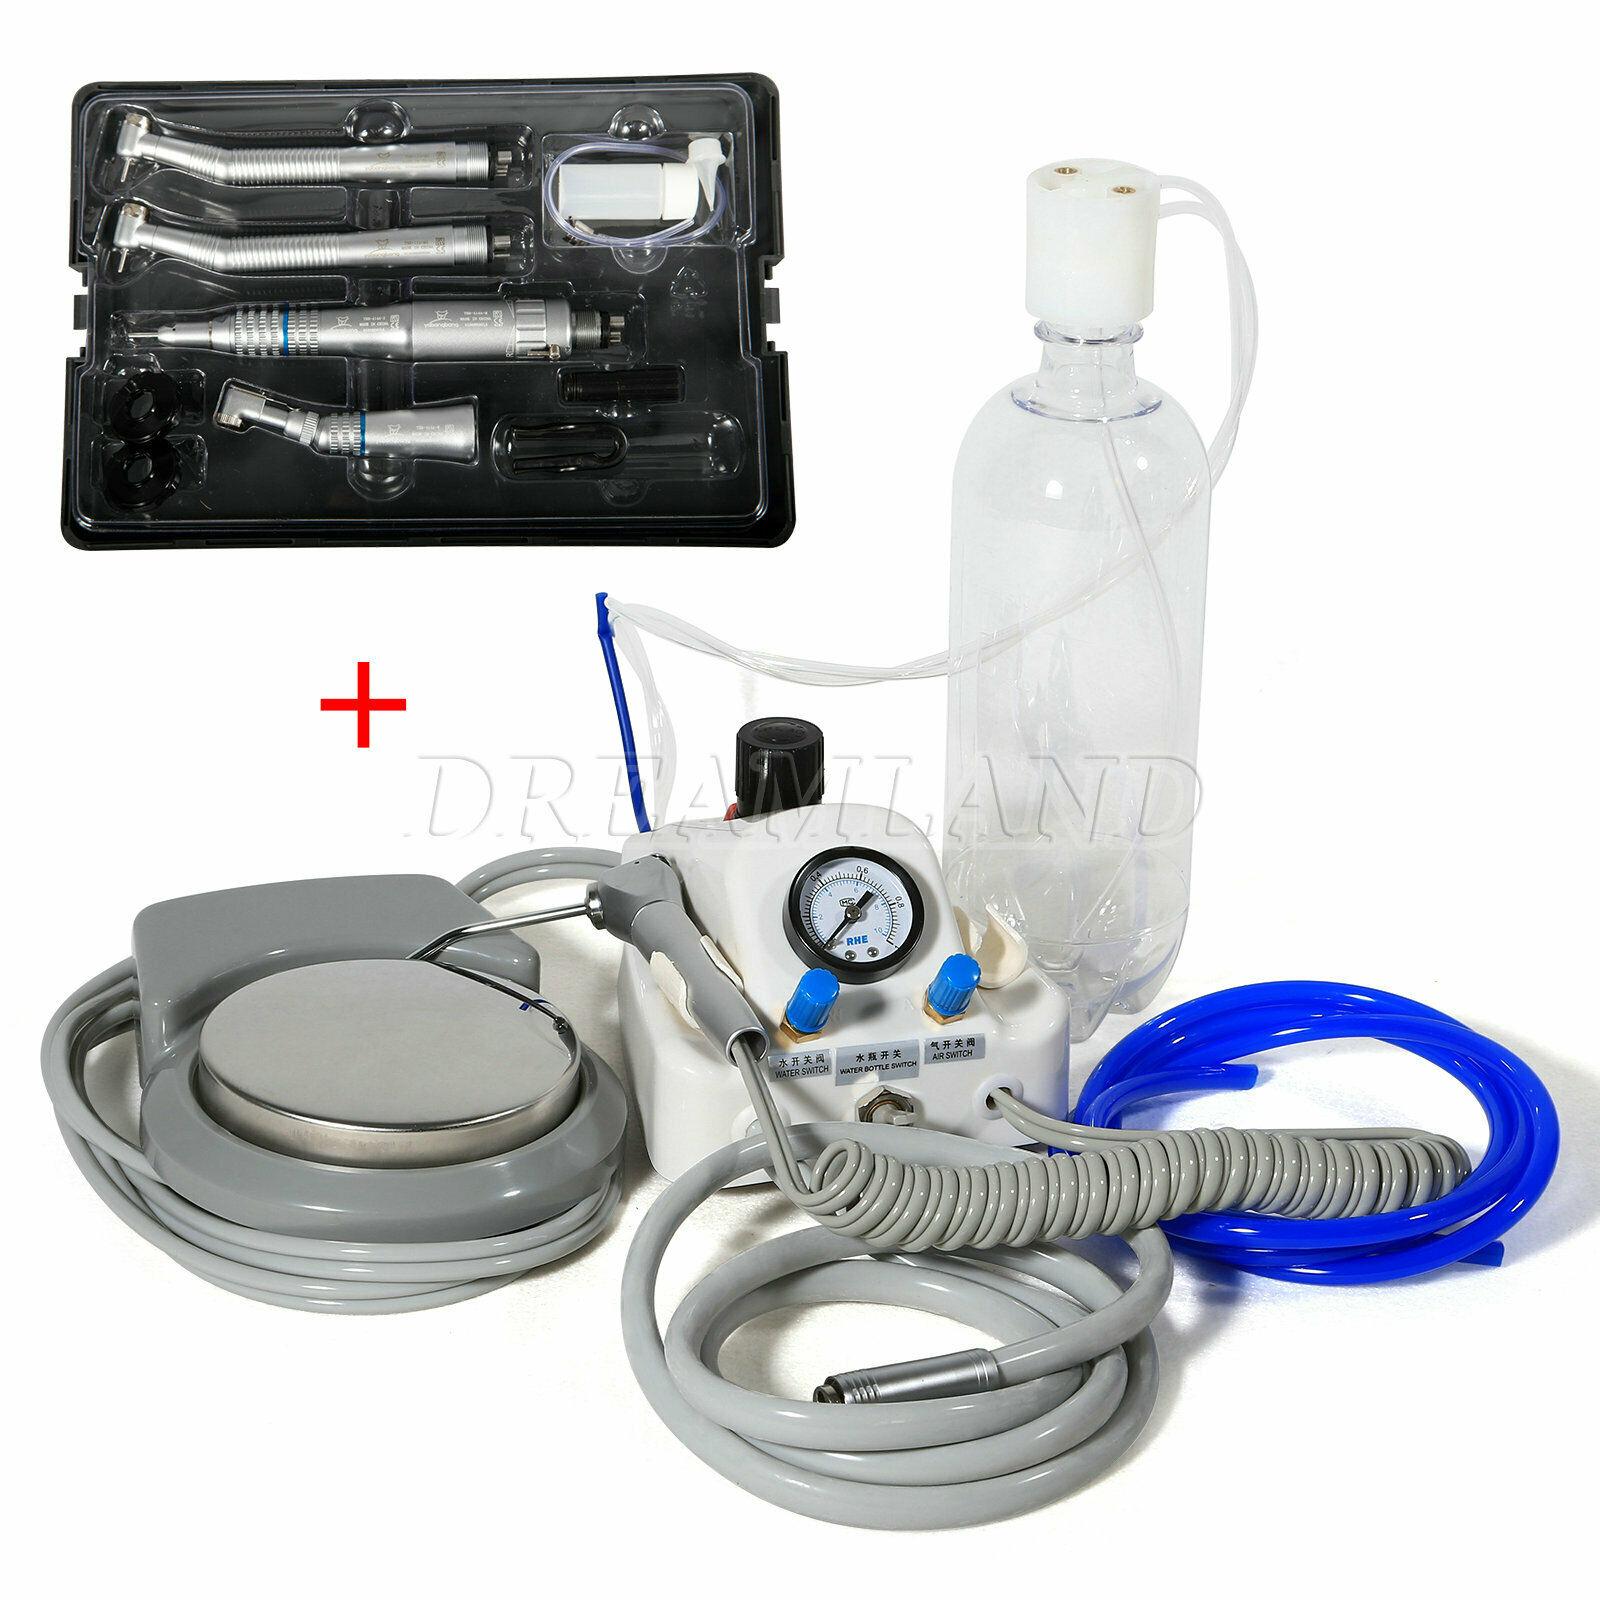 وحدة توربينية هوائية محمولة للأسنان تعمل مع ضاغط 2/4 ثقوب + مجموعة قبضة عالية السرعة المنخفضة